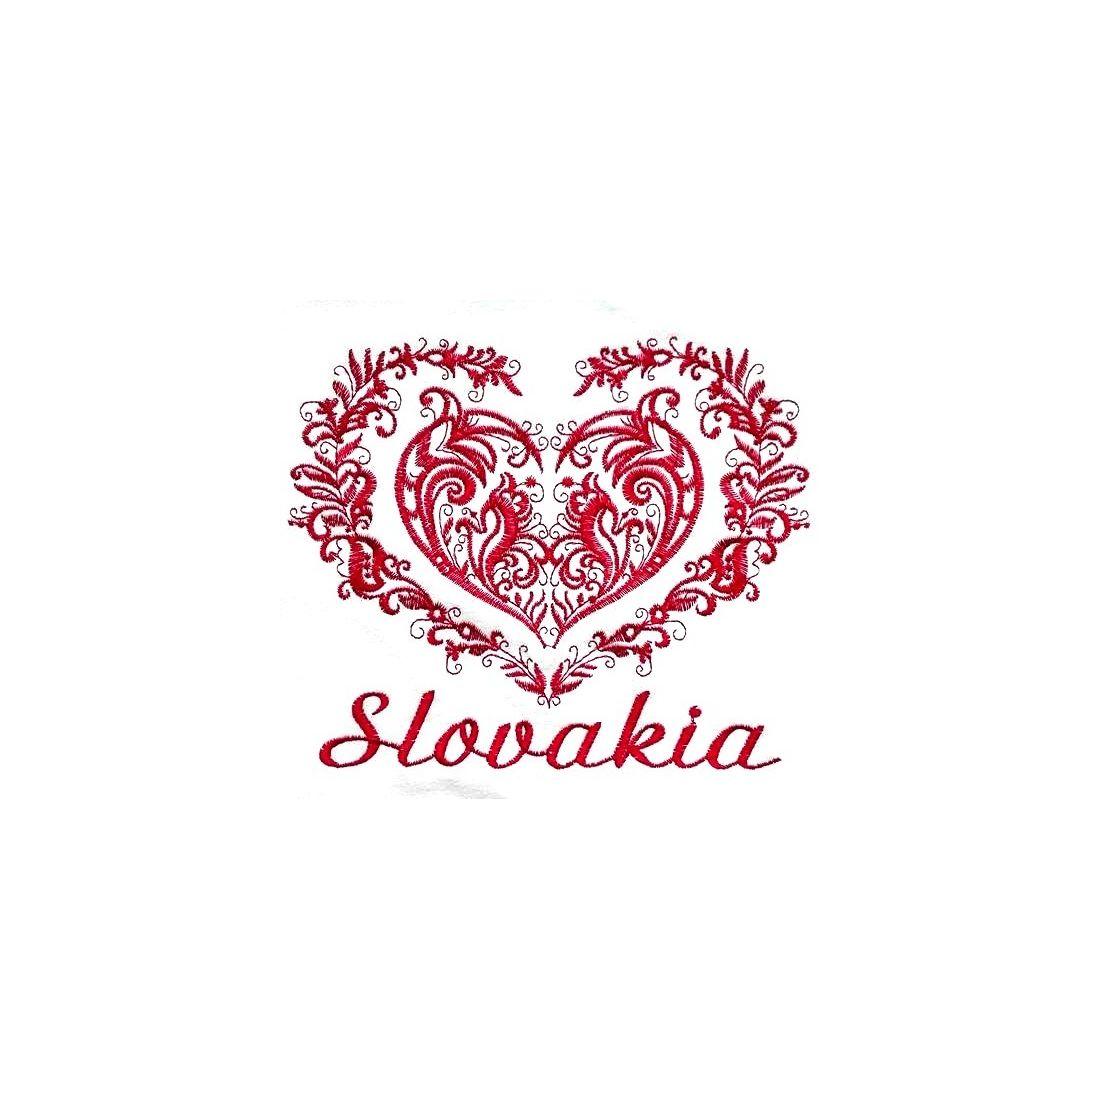 ea9abc4a0bc2e vyšívané tričká, dámske, tričko, www.somigroup.sk, srdce SLovensko